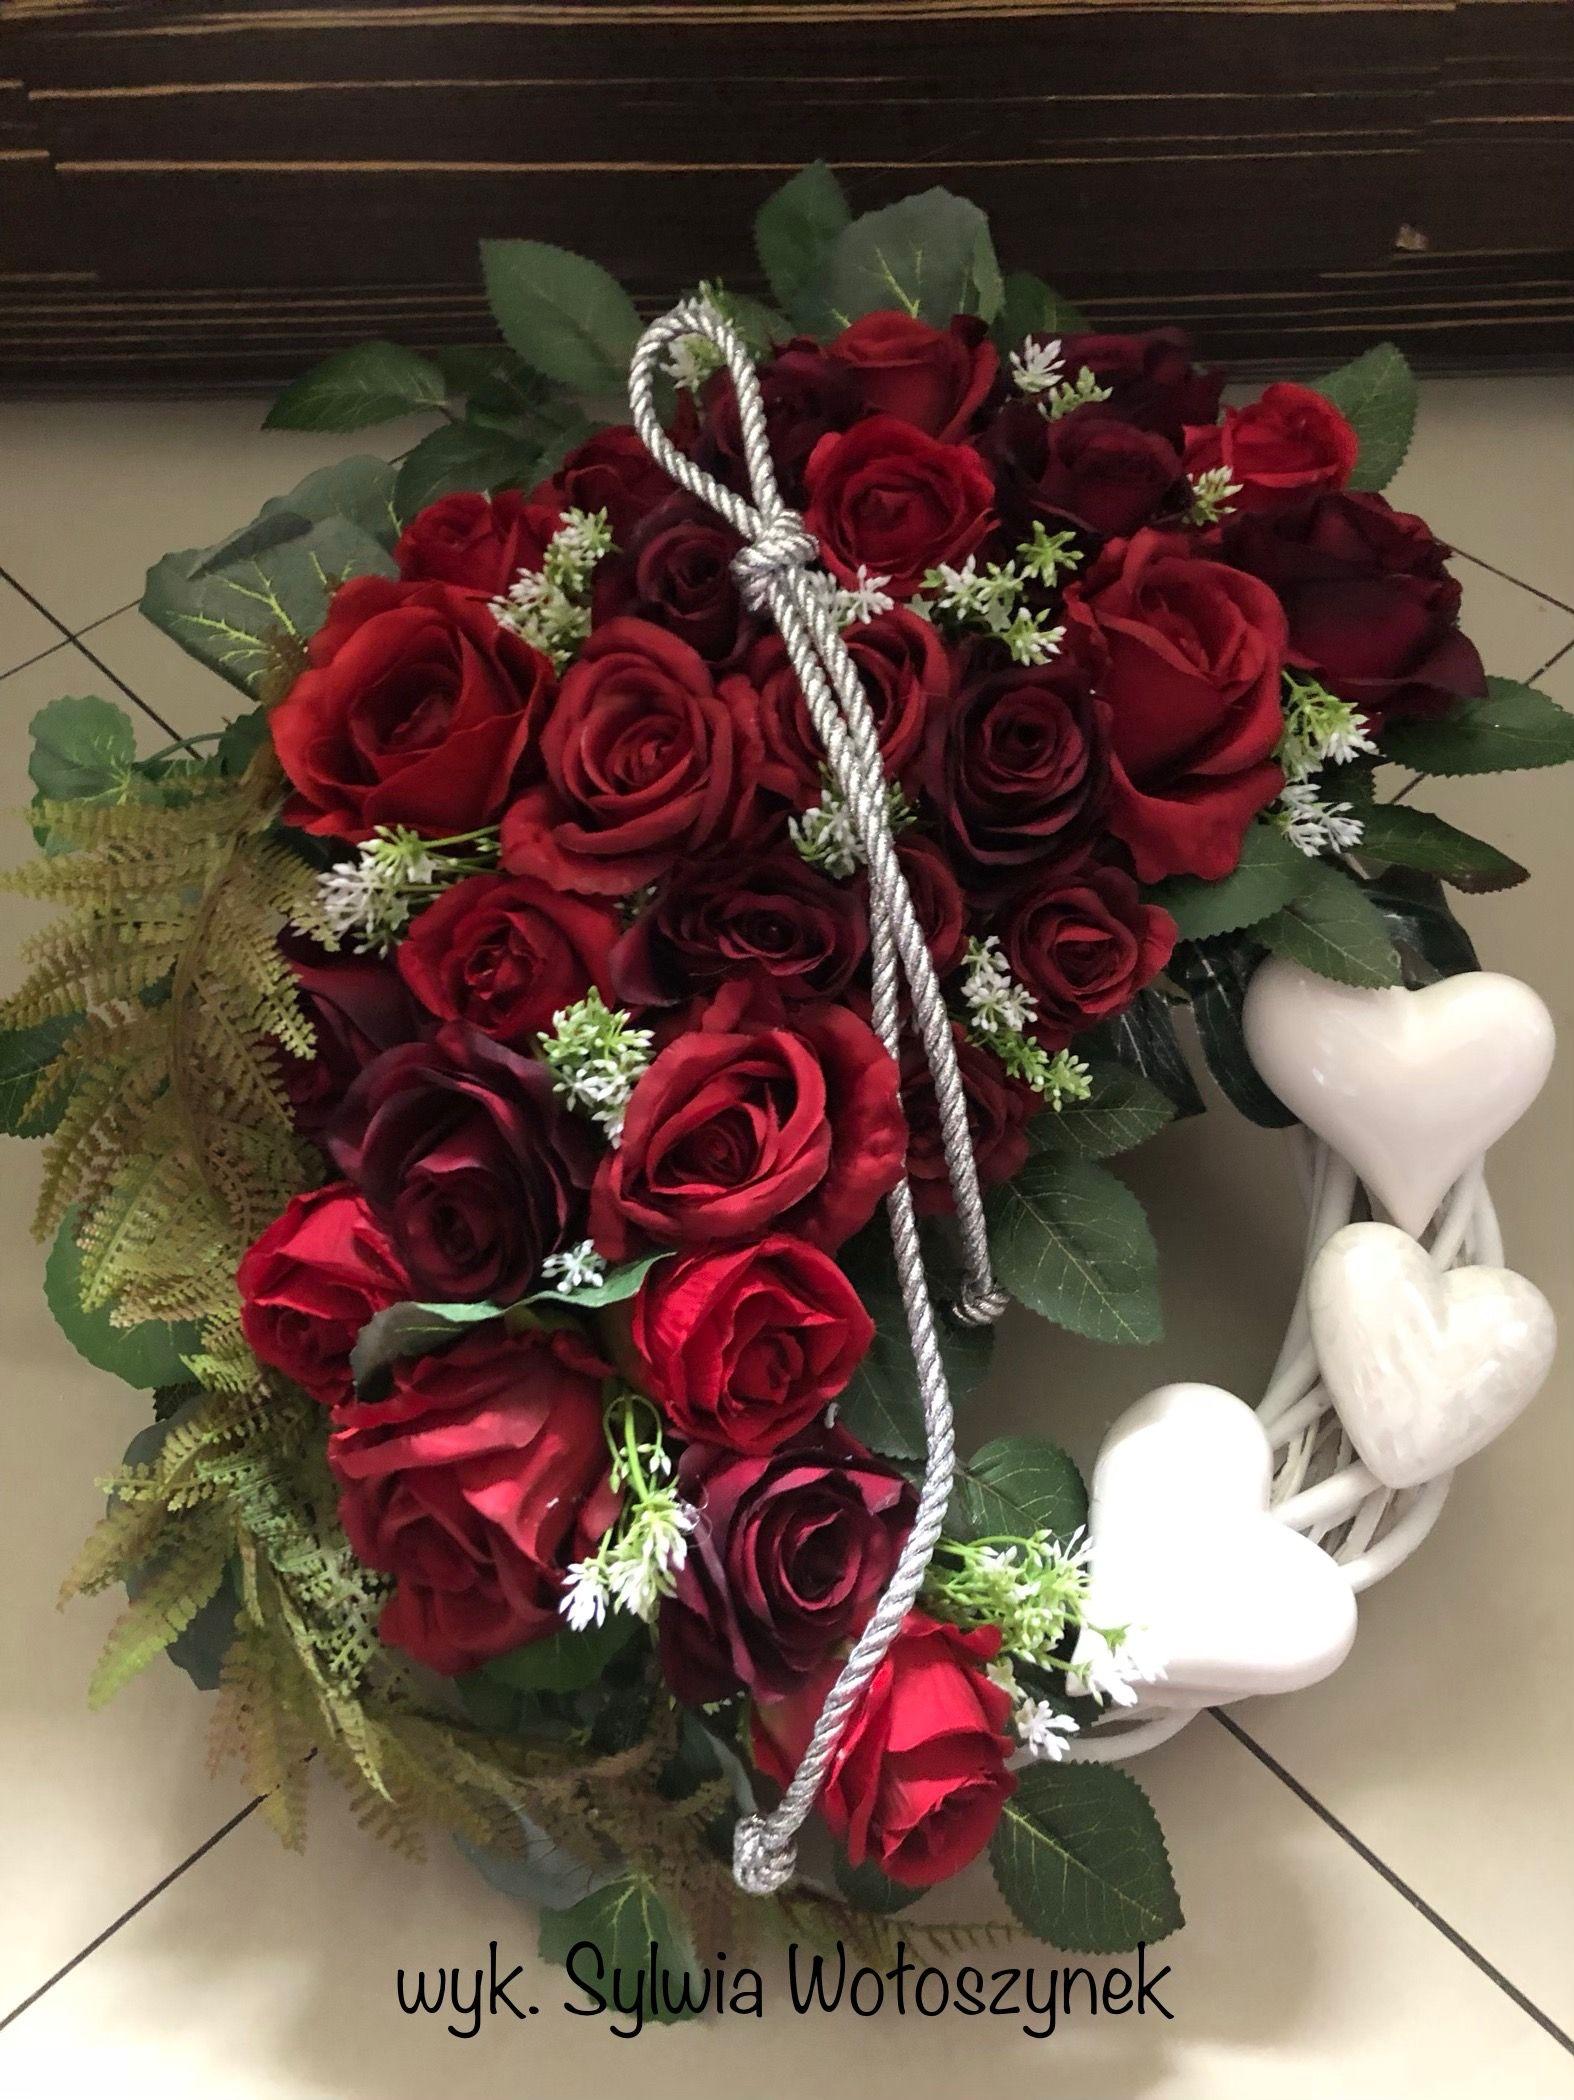 Kompozycja Nagrobna 2018 Wyk Sylwia Woloszynek Funeral Flowers Flower Arrangements Grave Decorations